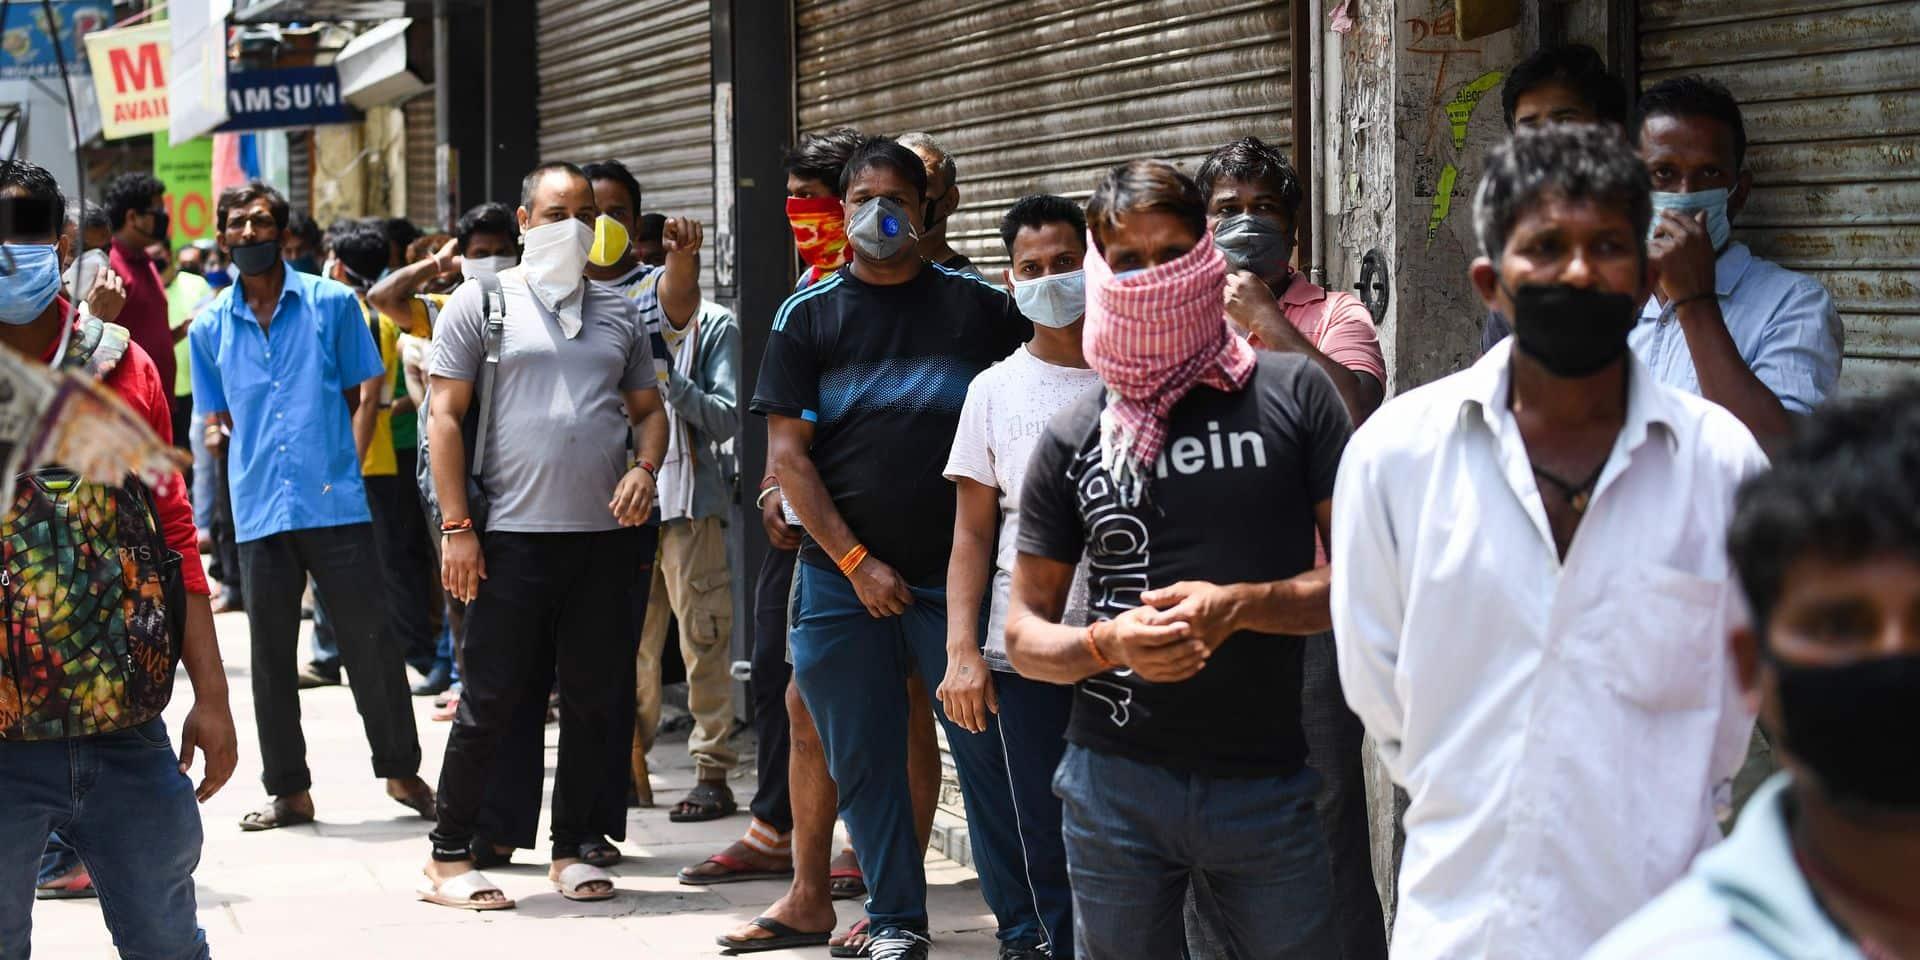 En Inde, le déconfinement a débuté alors que le pic épidémique se fait attendre